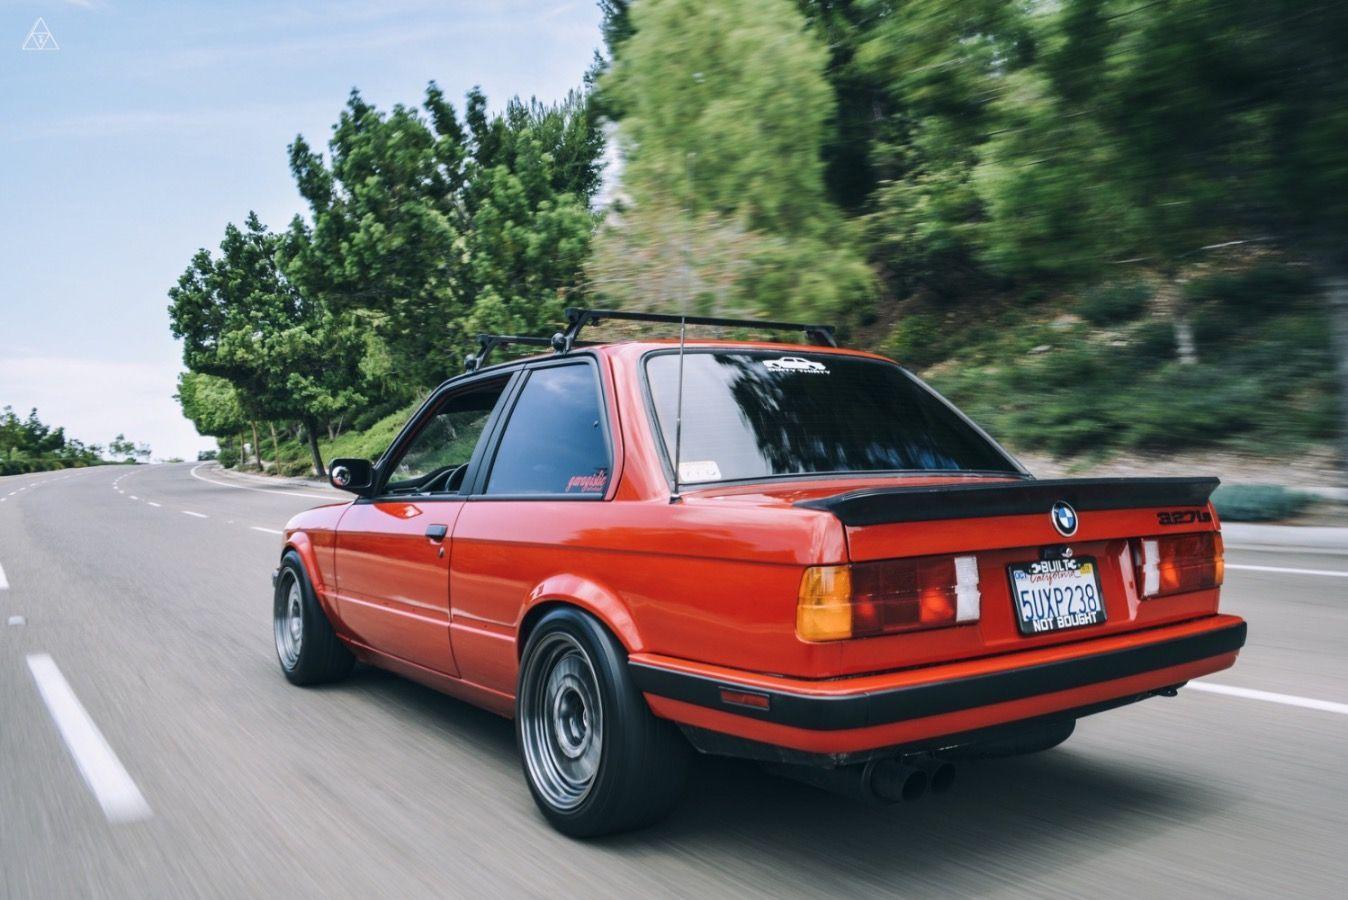 Ryan Bledsoe S 1985 Bmw 325 E Bmw E30 Bmw 325 Bmw E30 325